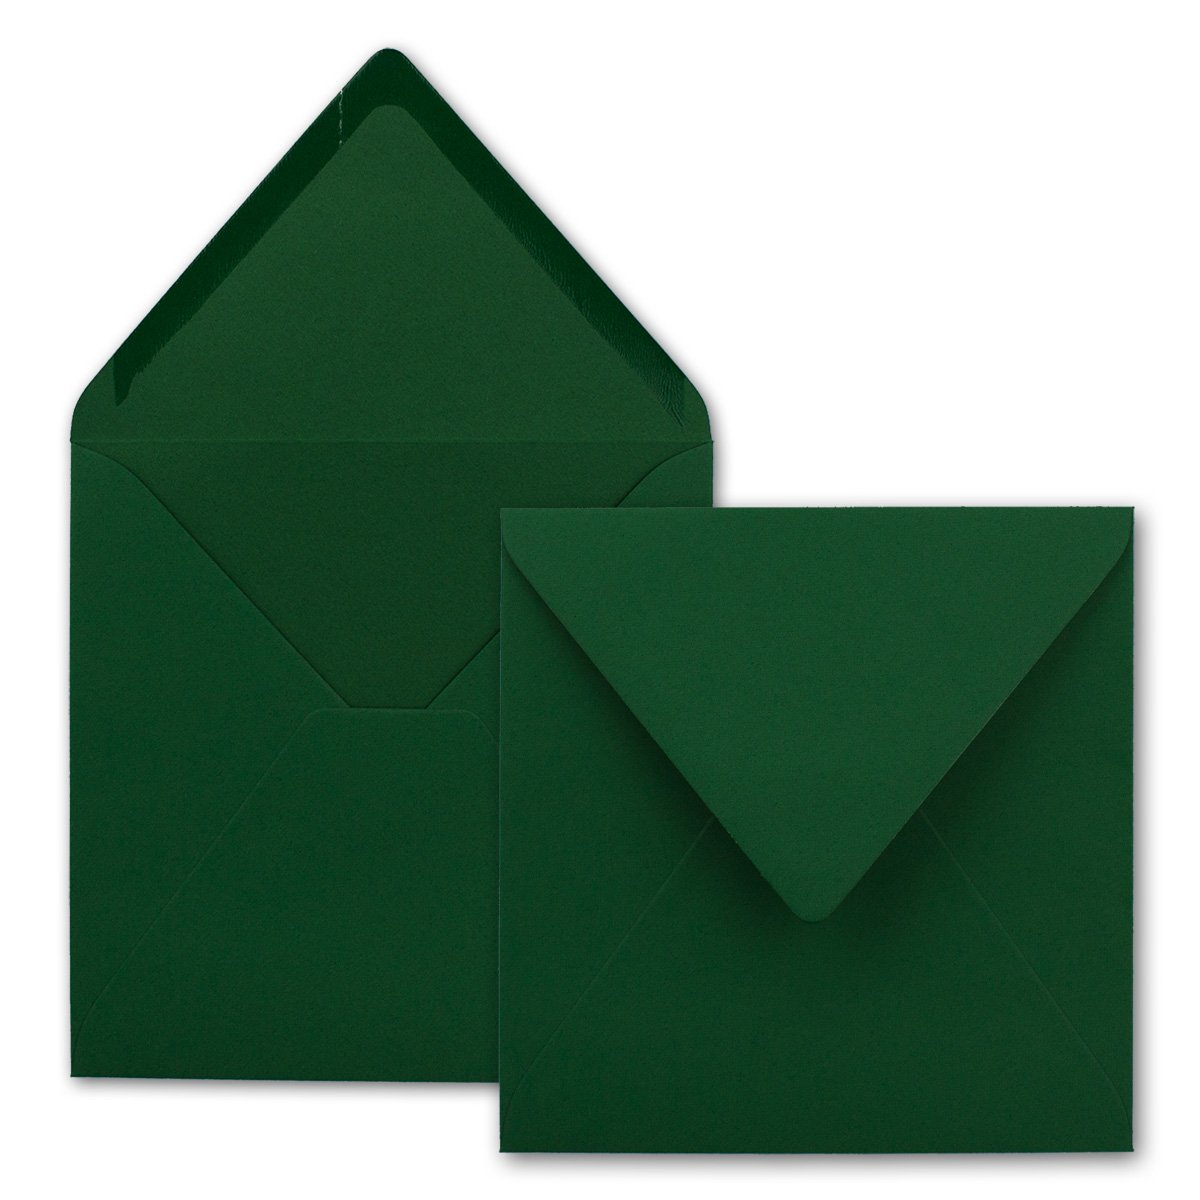 Quadratische Brief-Umschläge - Farbe Hochweiss   150 Stück     155 x 155 mm   Nassklebung   Für Einladungen & Hochzeit    Serie FarbenFroh® B00J9H9DZS   Hohe Qualität  de049a